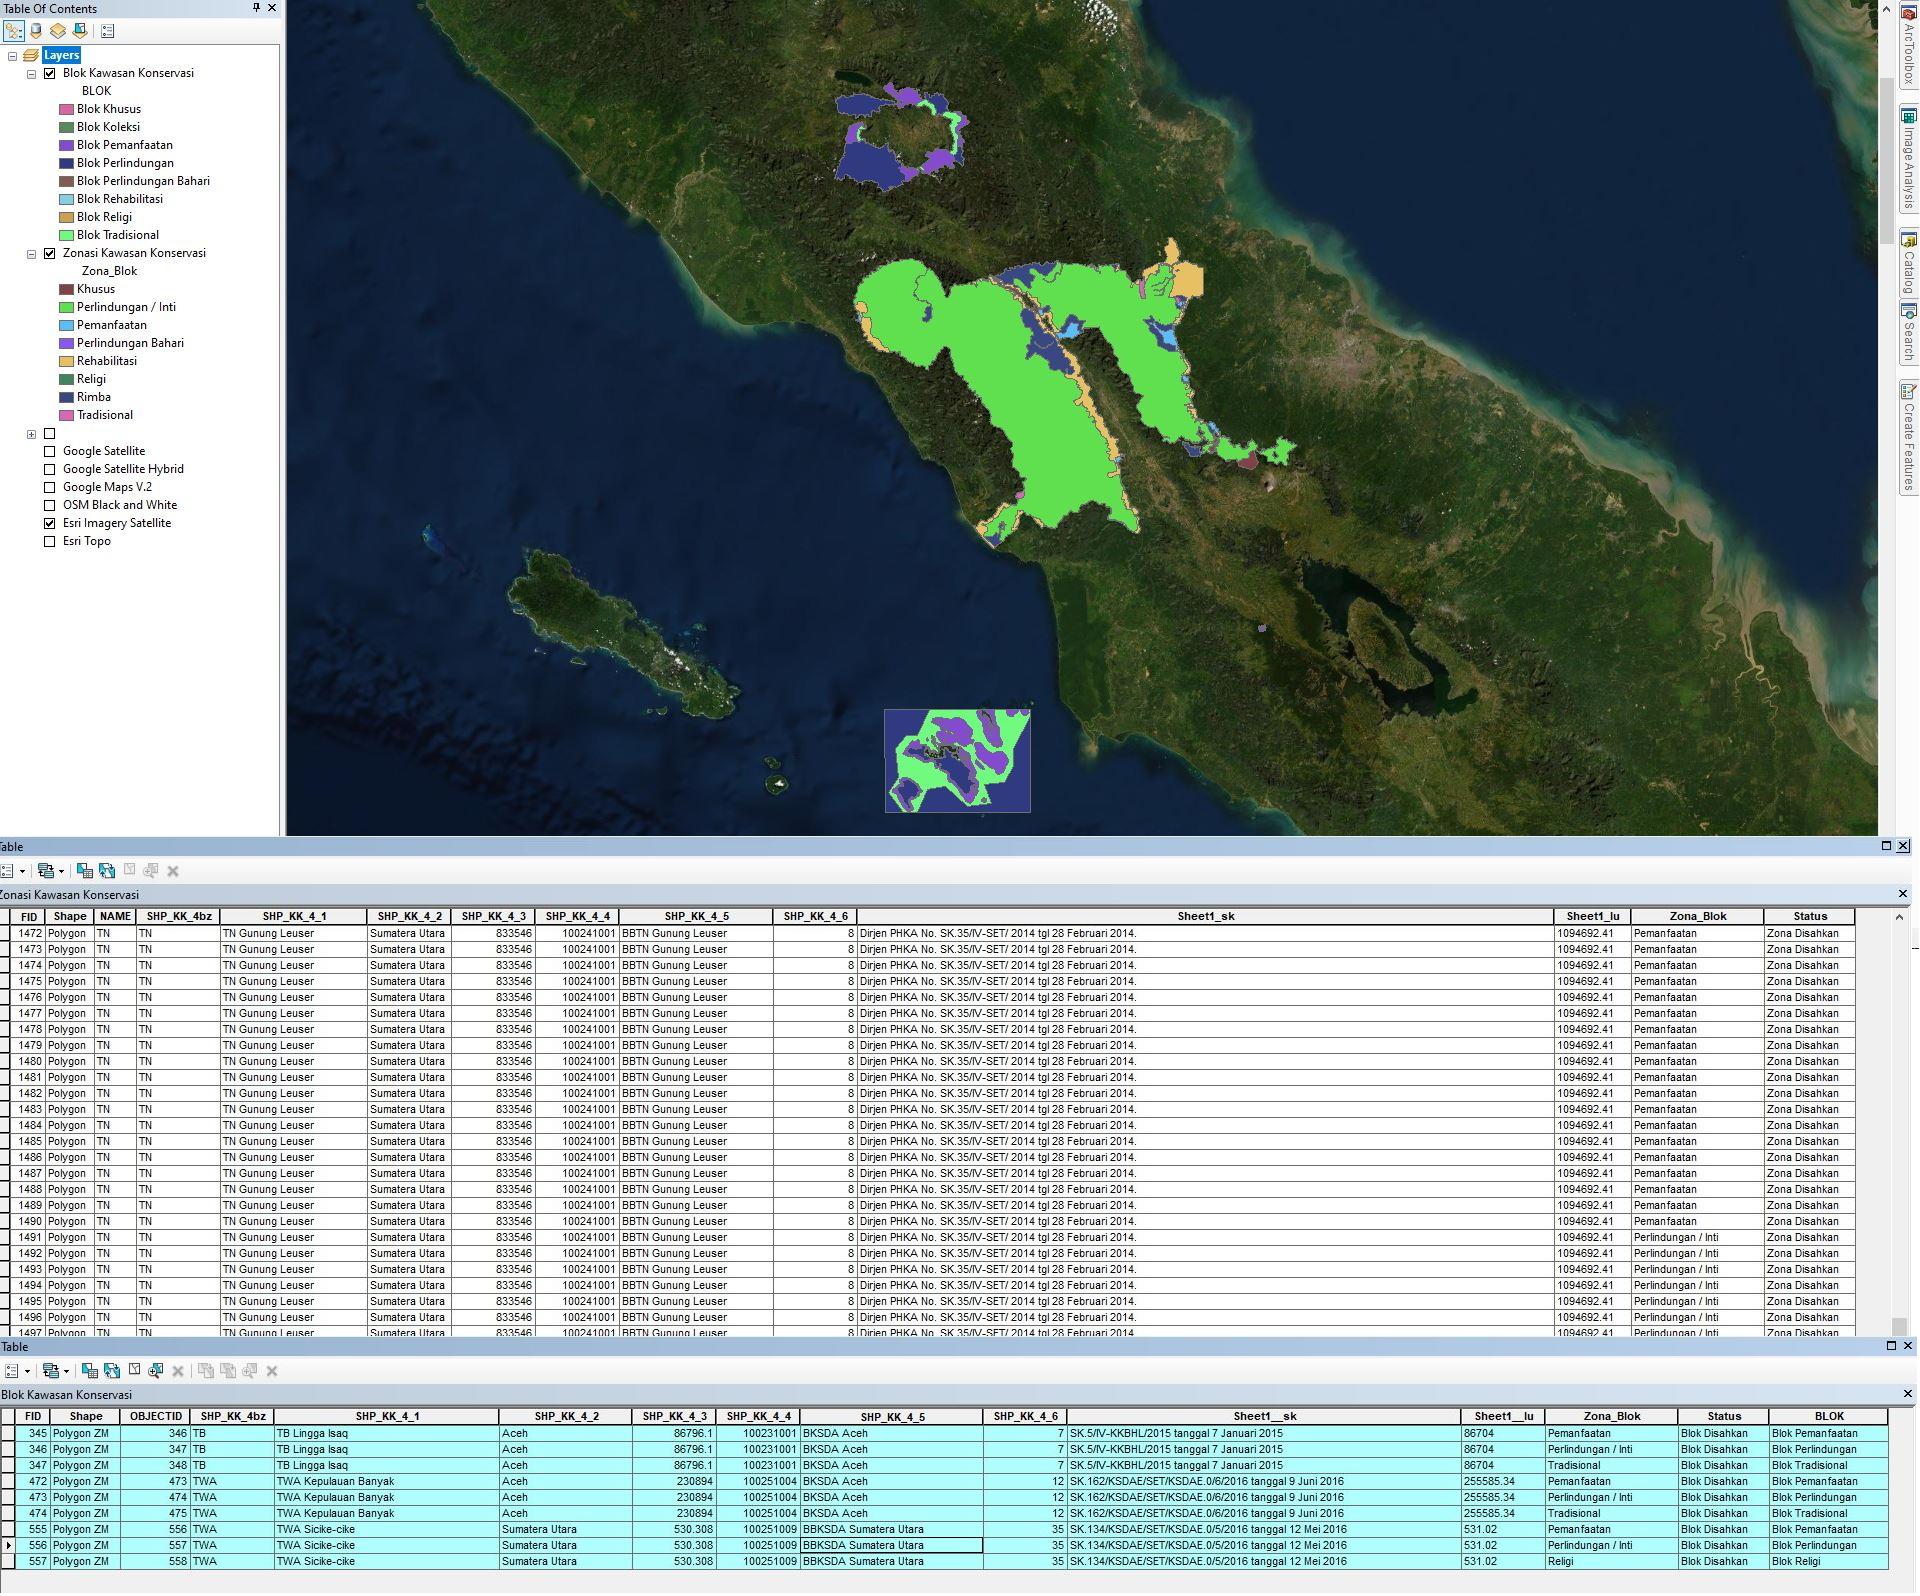 SHP (Shapefile) Area Konservasi Seluruh Indonesia